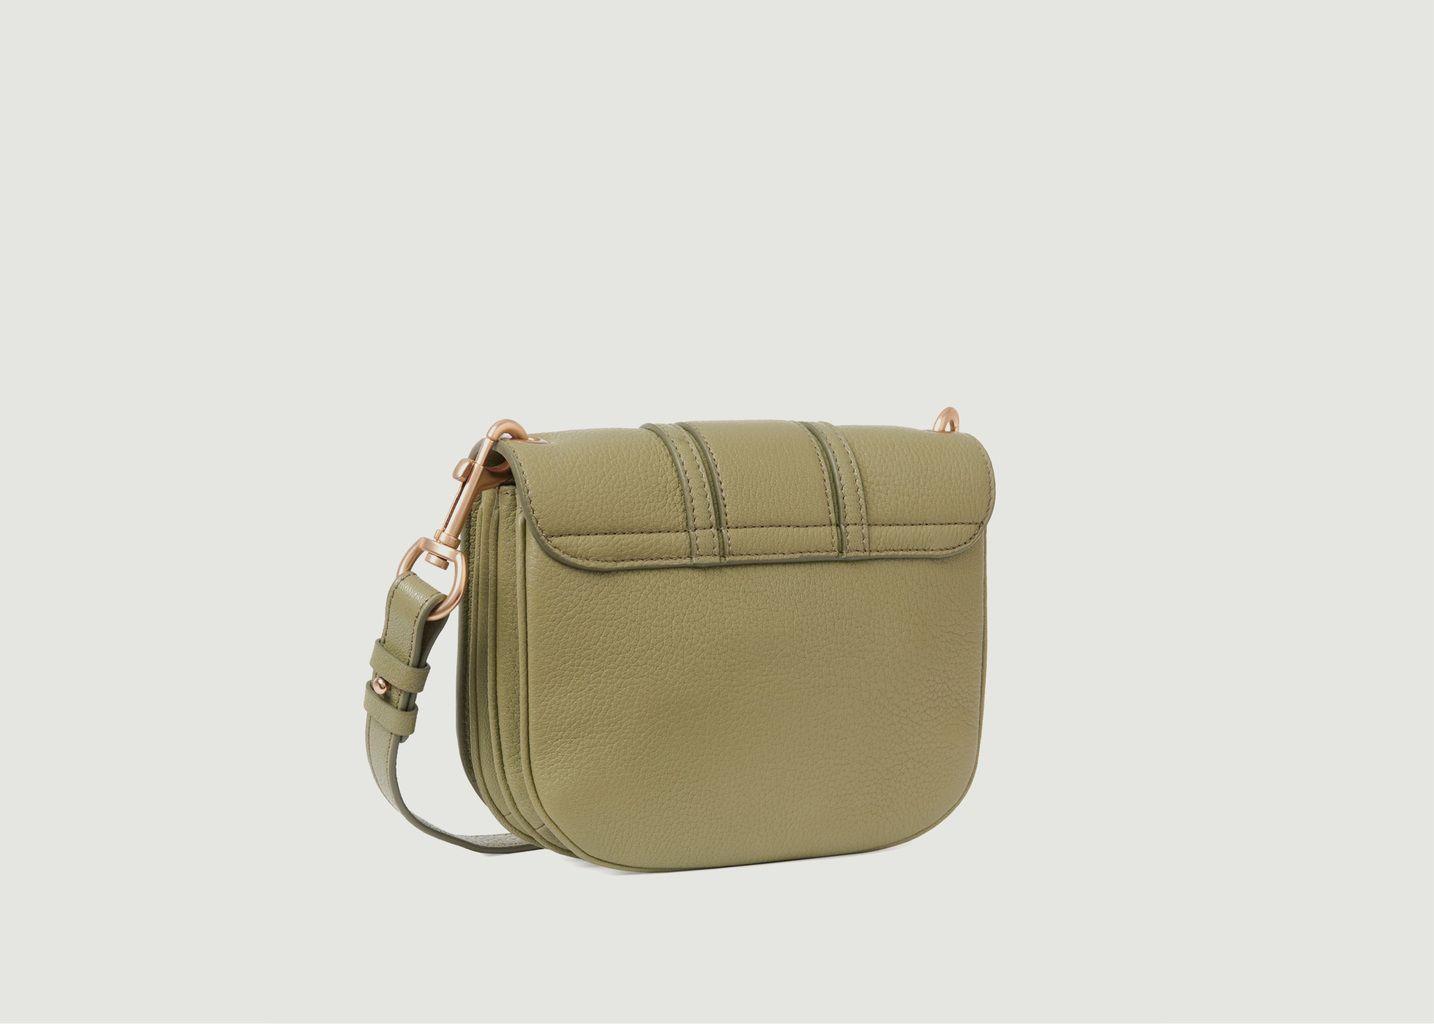 Mini sac Hana - See by Chloé